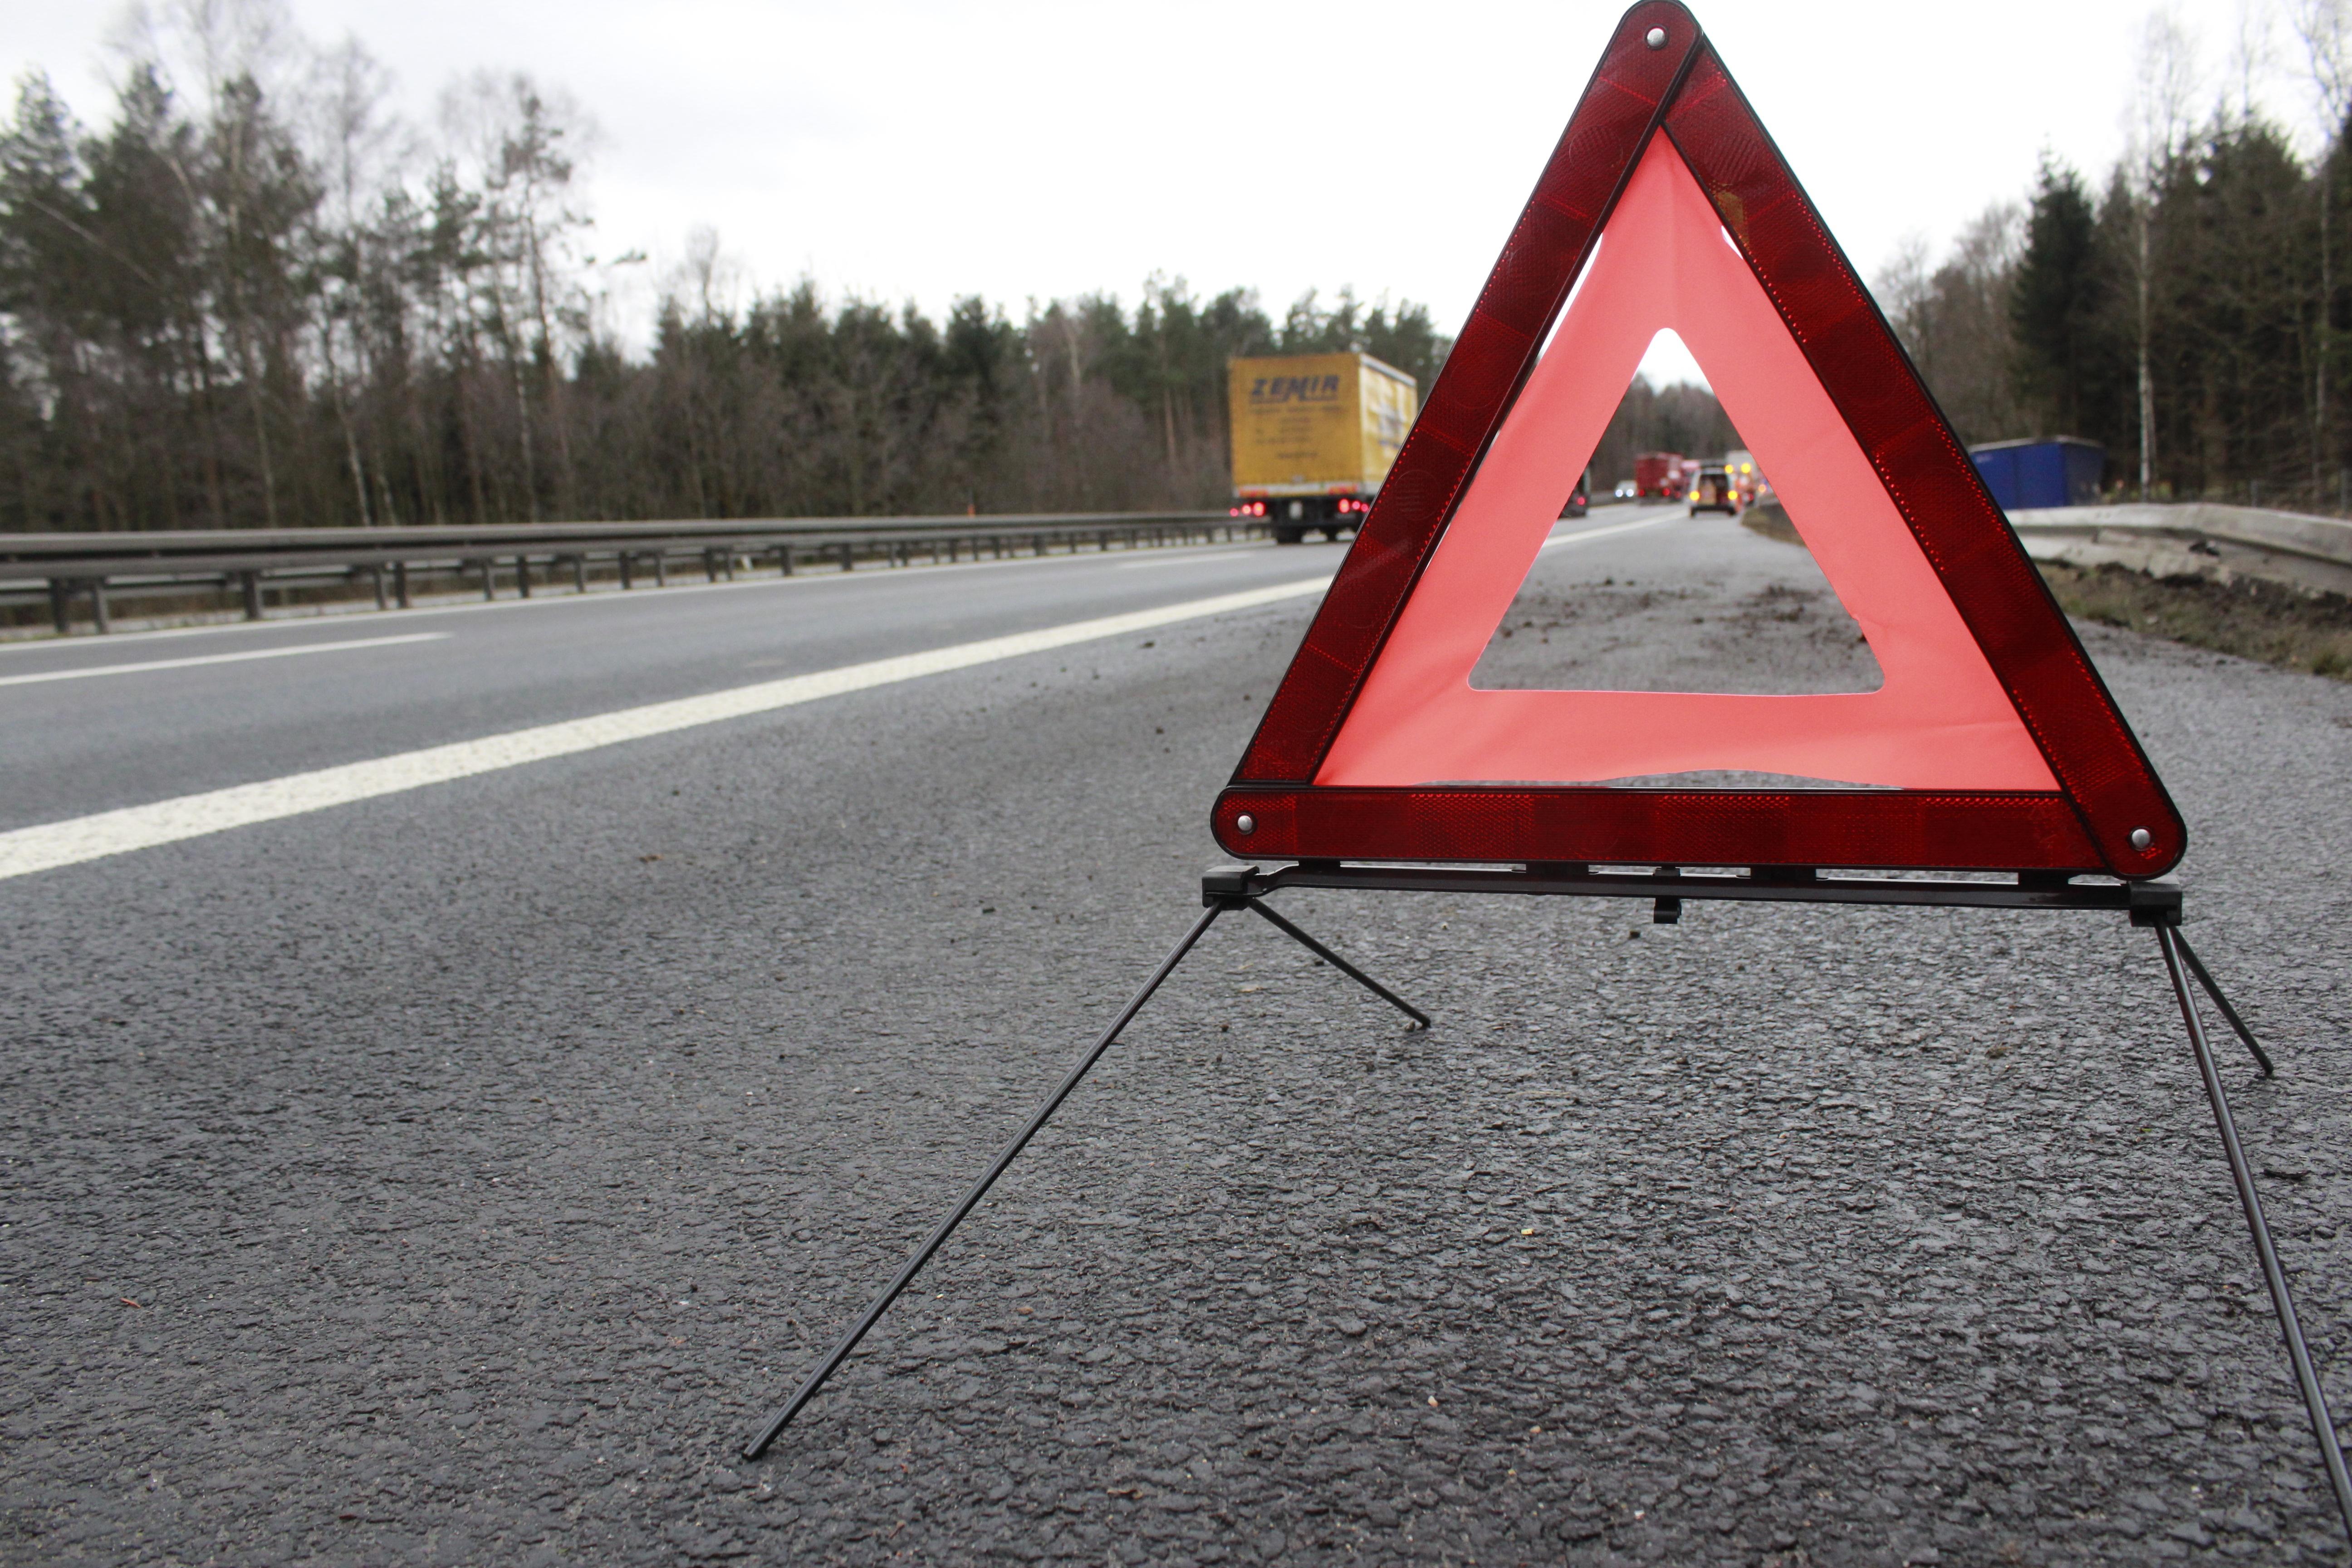 Free Images : highway, asphalt, auto, signage, lane, expressway ...